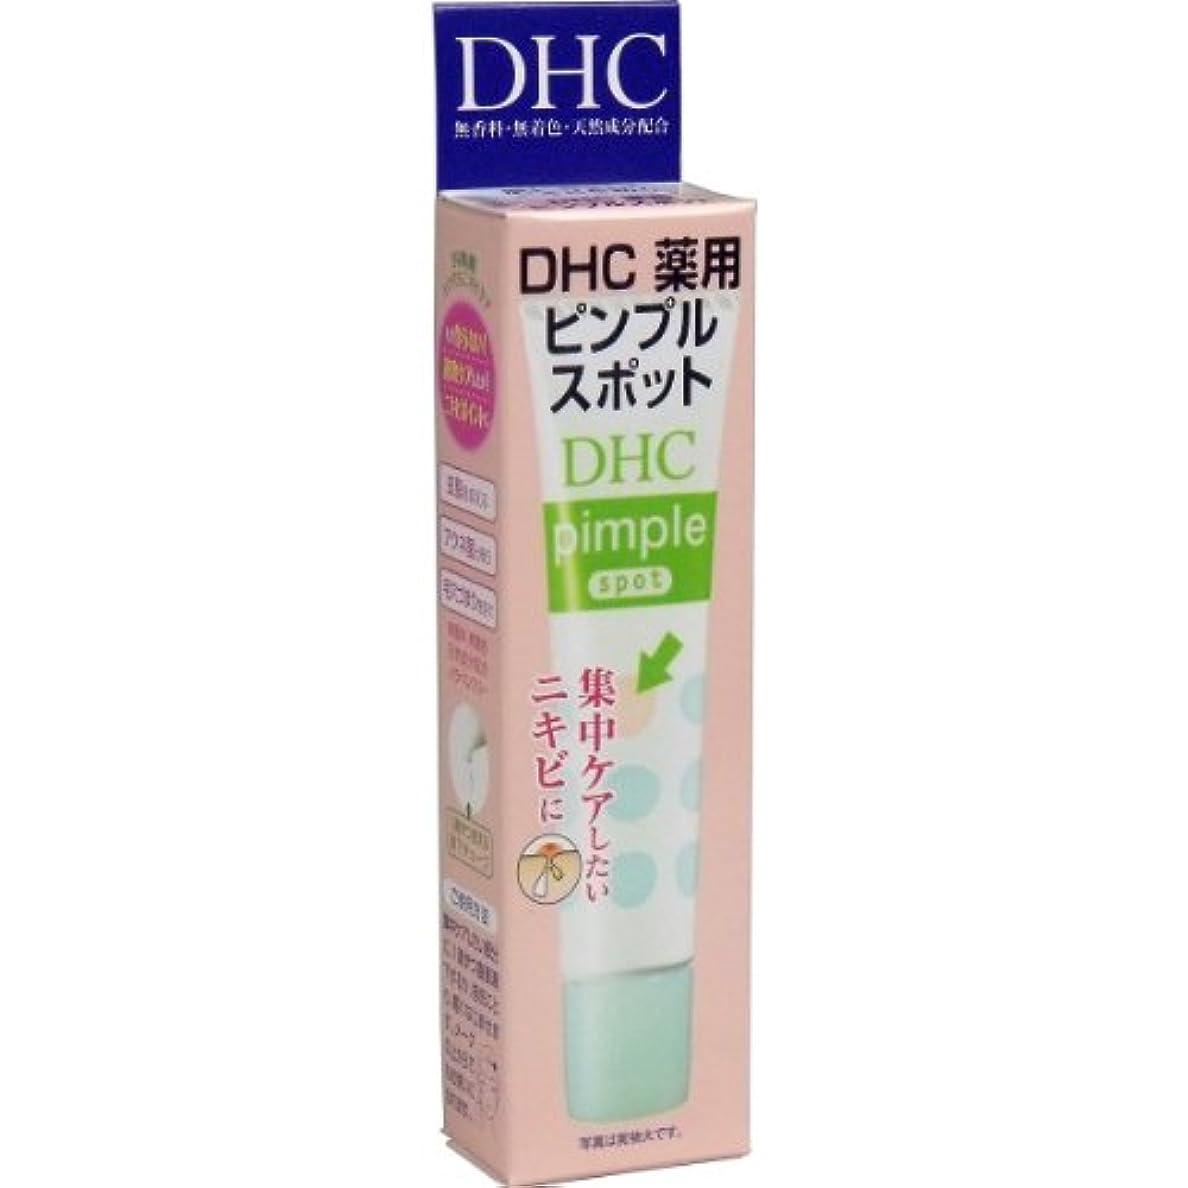 【まとめ買い】DHC薬用ピンプルスポット 15ml ×2セット